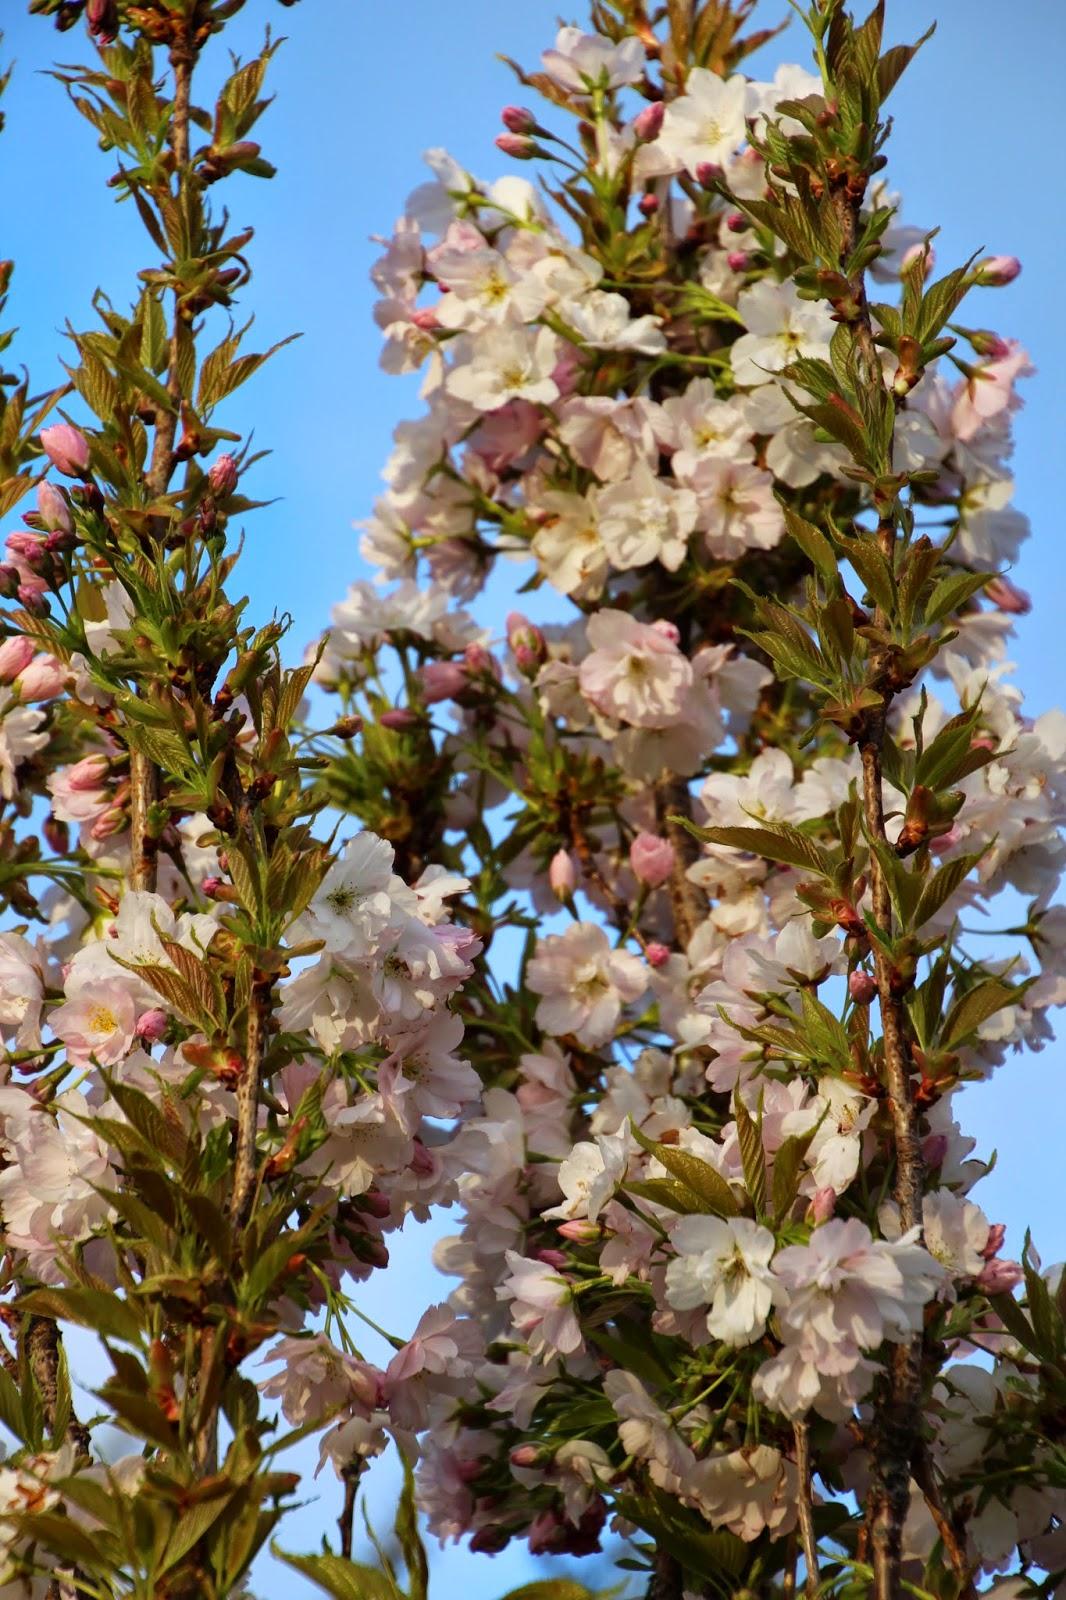 Pelarkörsbär Prunus serulata 'Amanogawa'